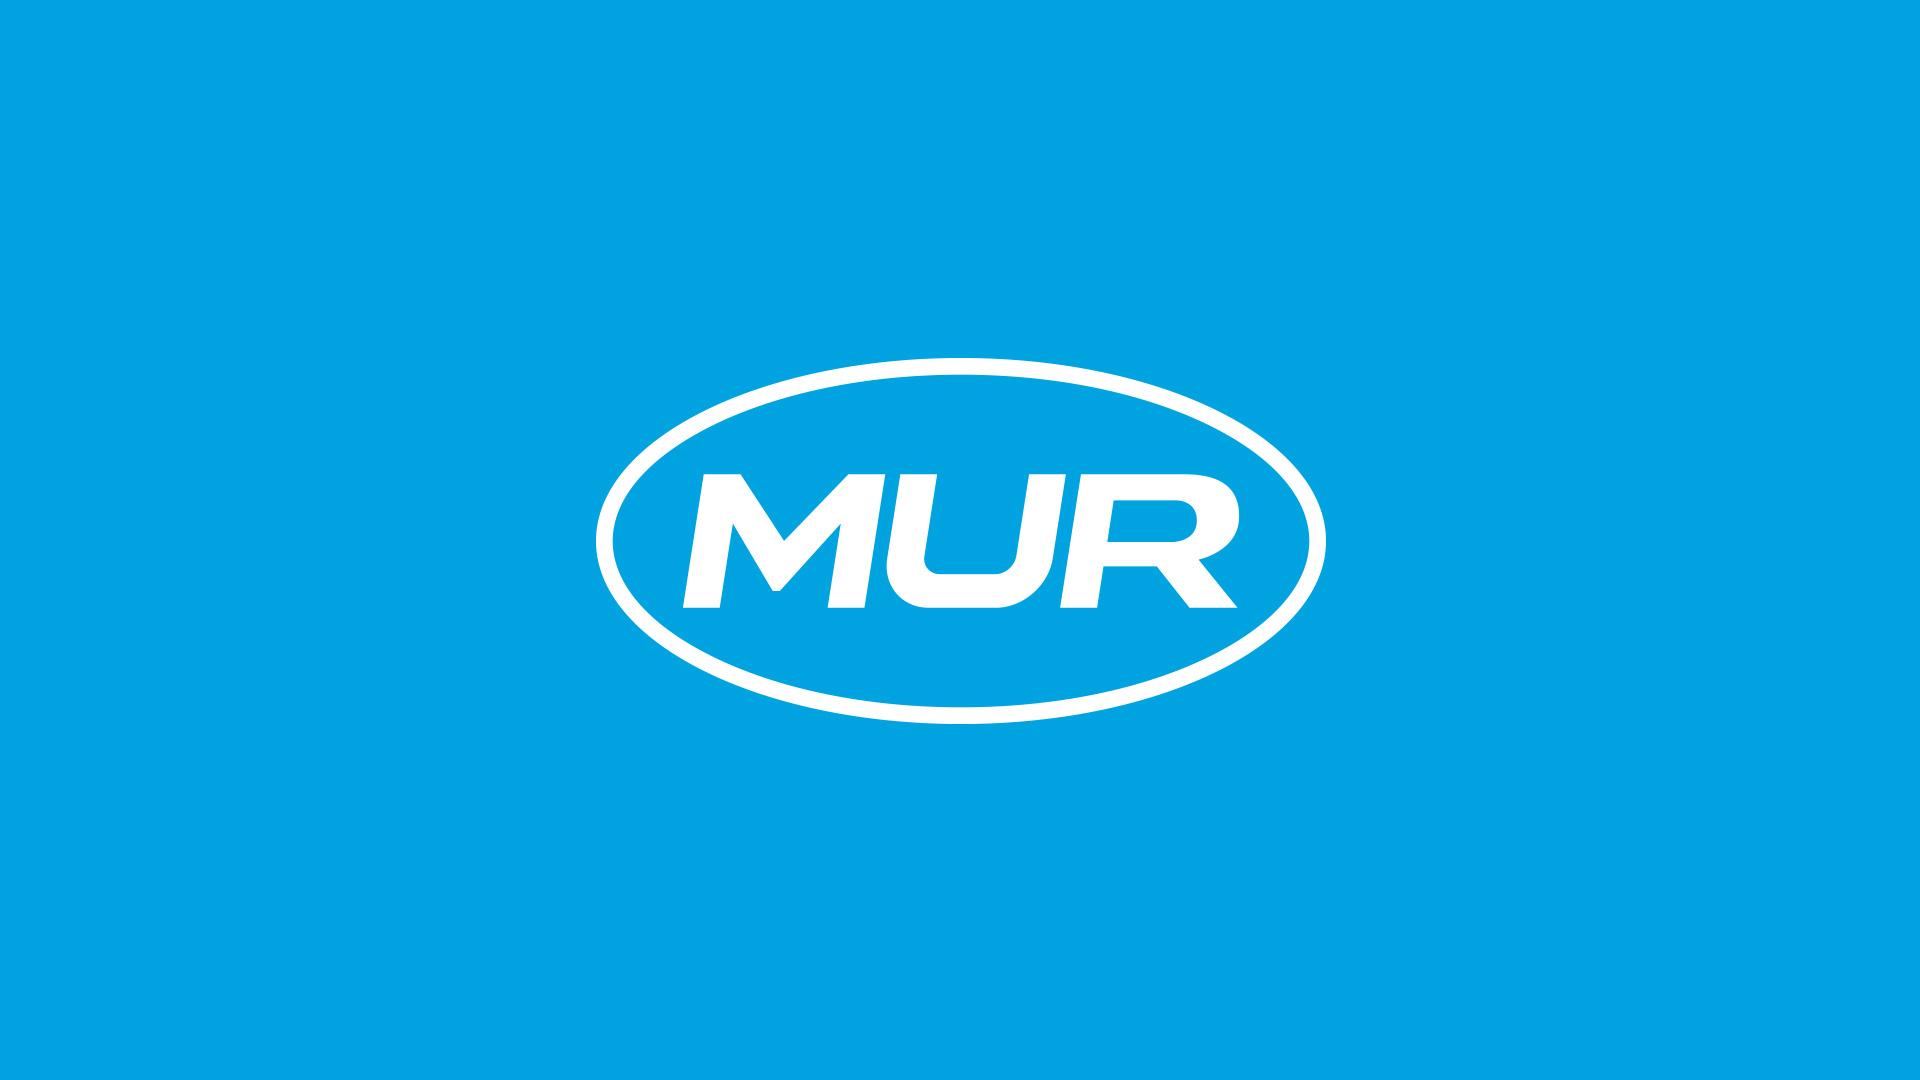 mur-05-4